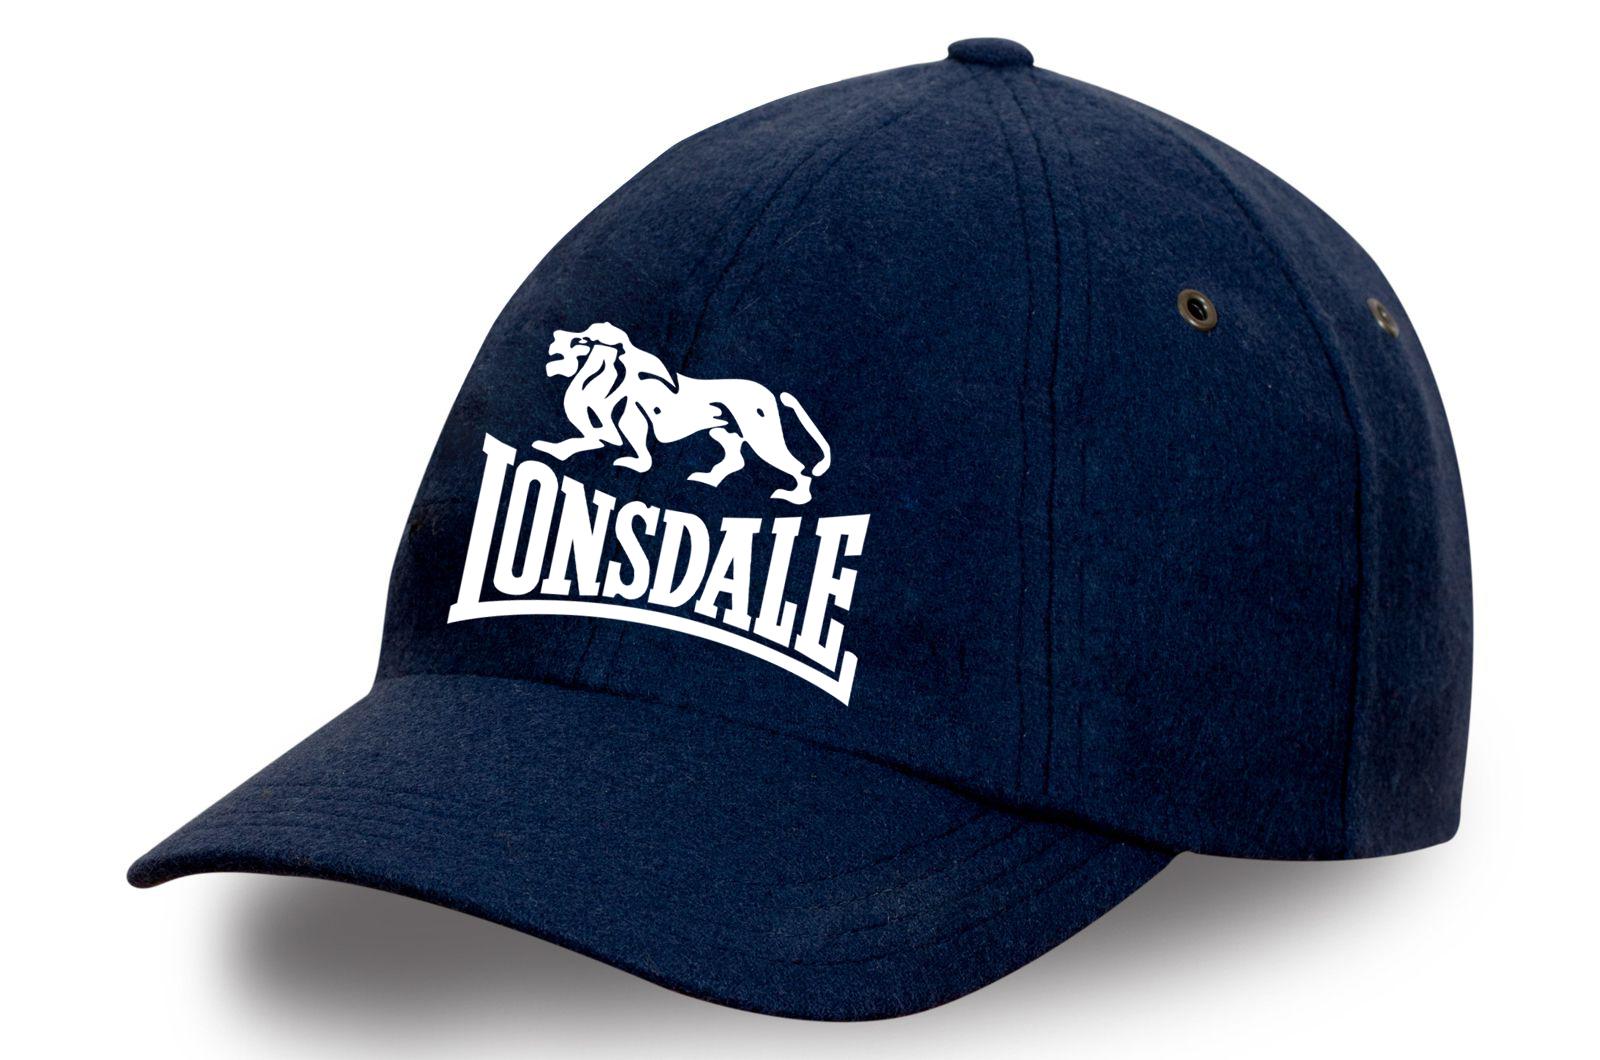 Бейсболка с надписью Lonsdale